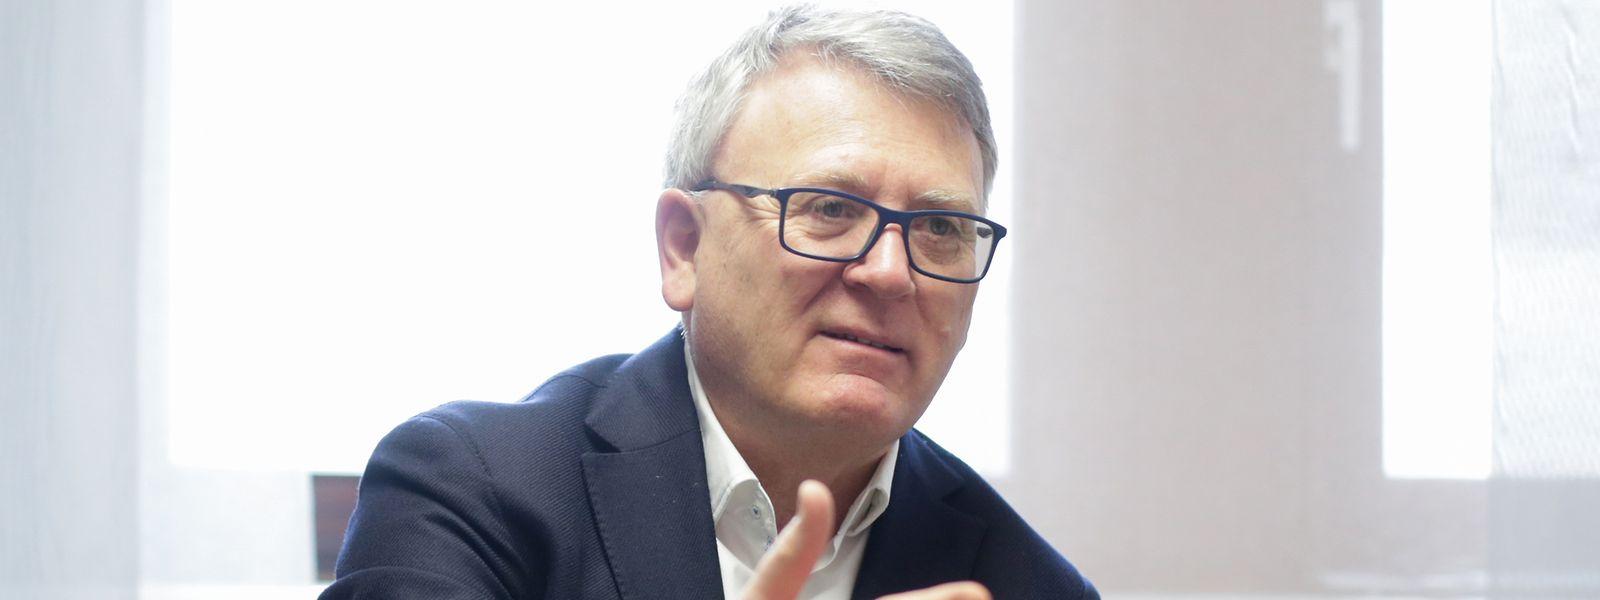 Beschäftigungsminister Nicolas Schmit ist sauer: Wenn es nicht zu Anpassungen bei der Neuregelung des Arbeitslosengeld für Grenzgänger kommt, steht die Adem vor dem Kollaps, so seine Warnung.